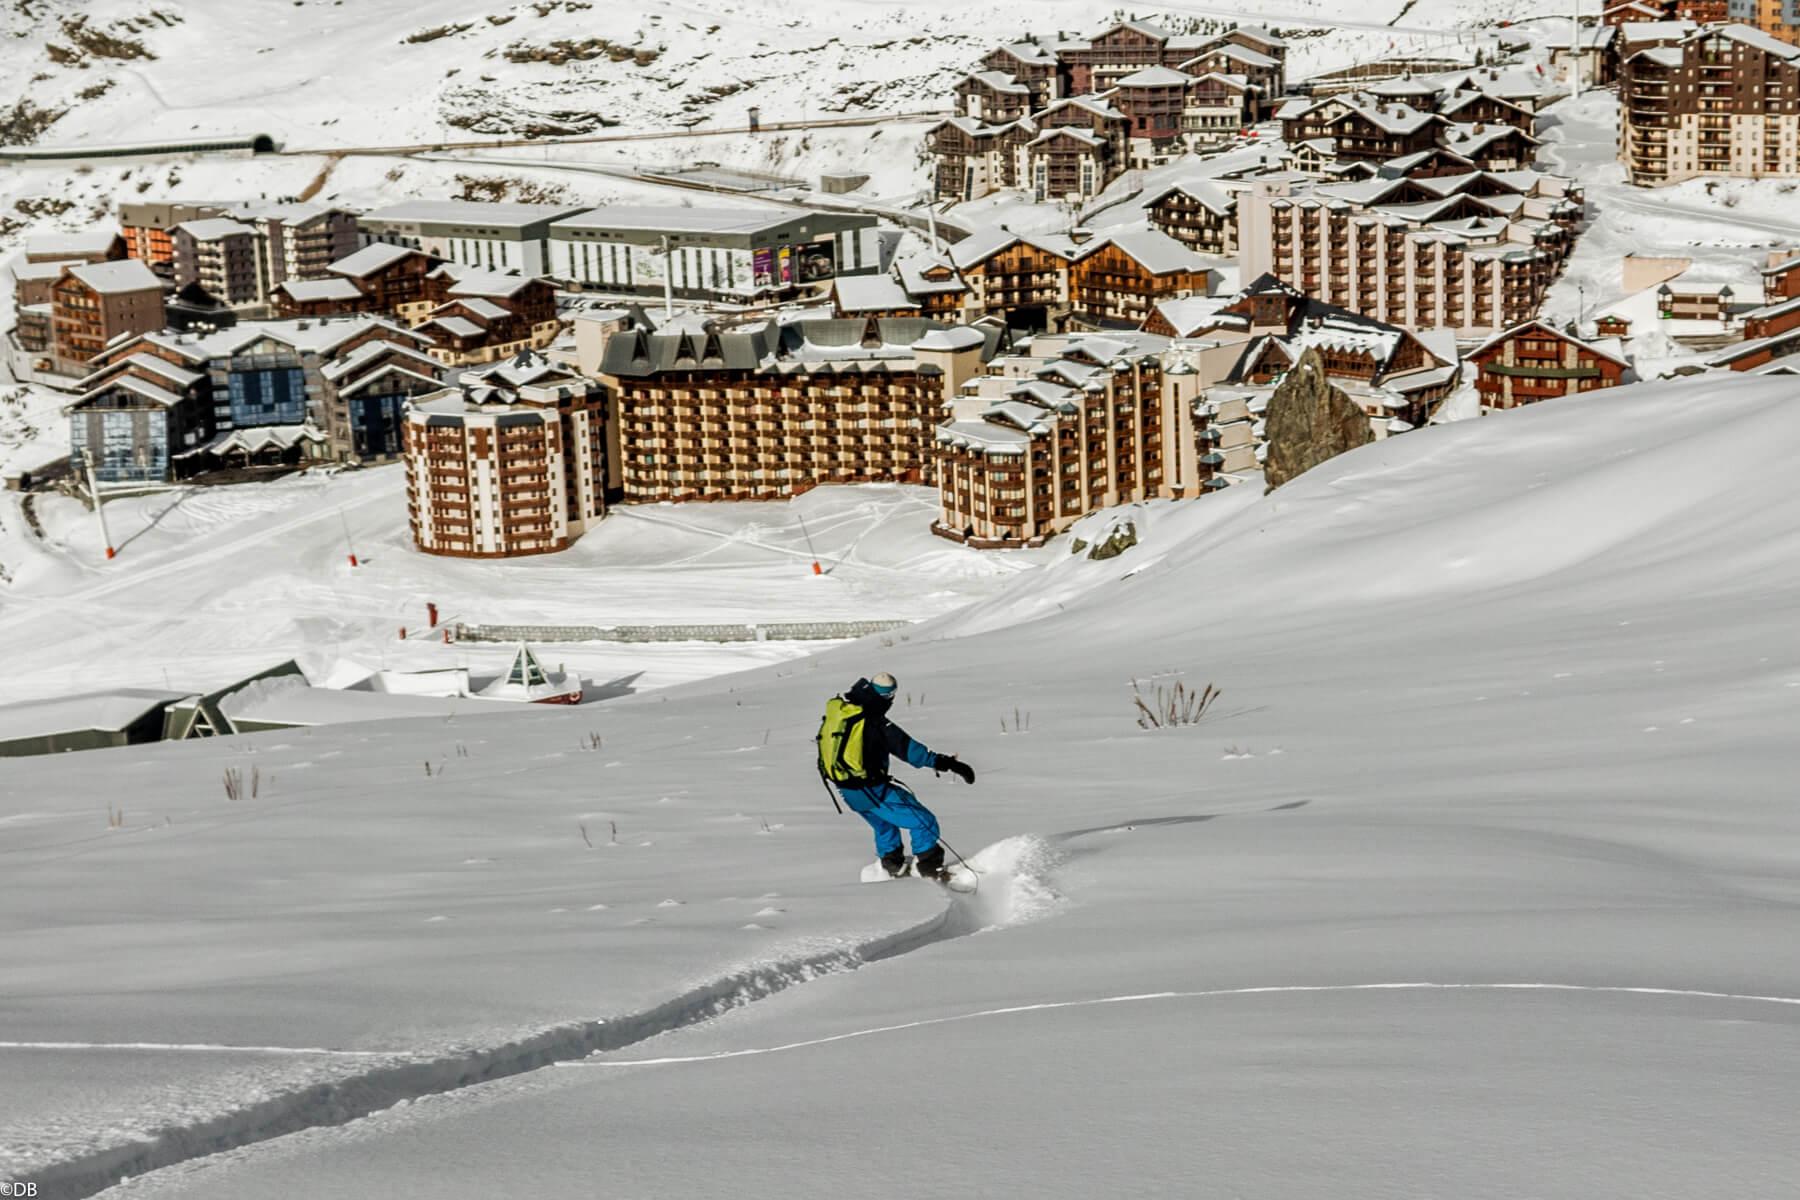 Powsurf à Val Thorens en neige poudreuse